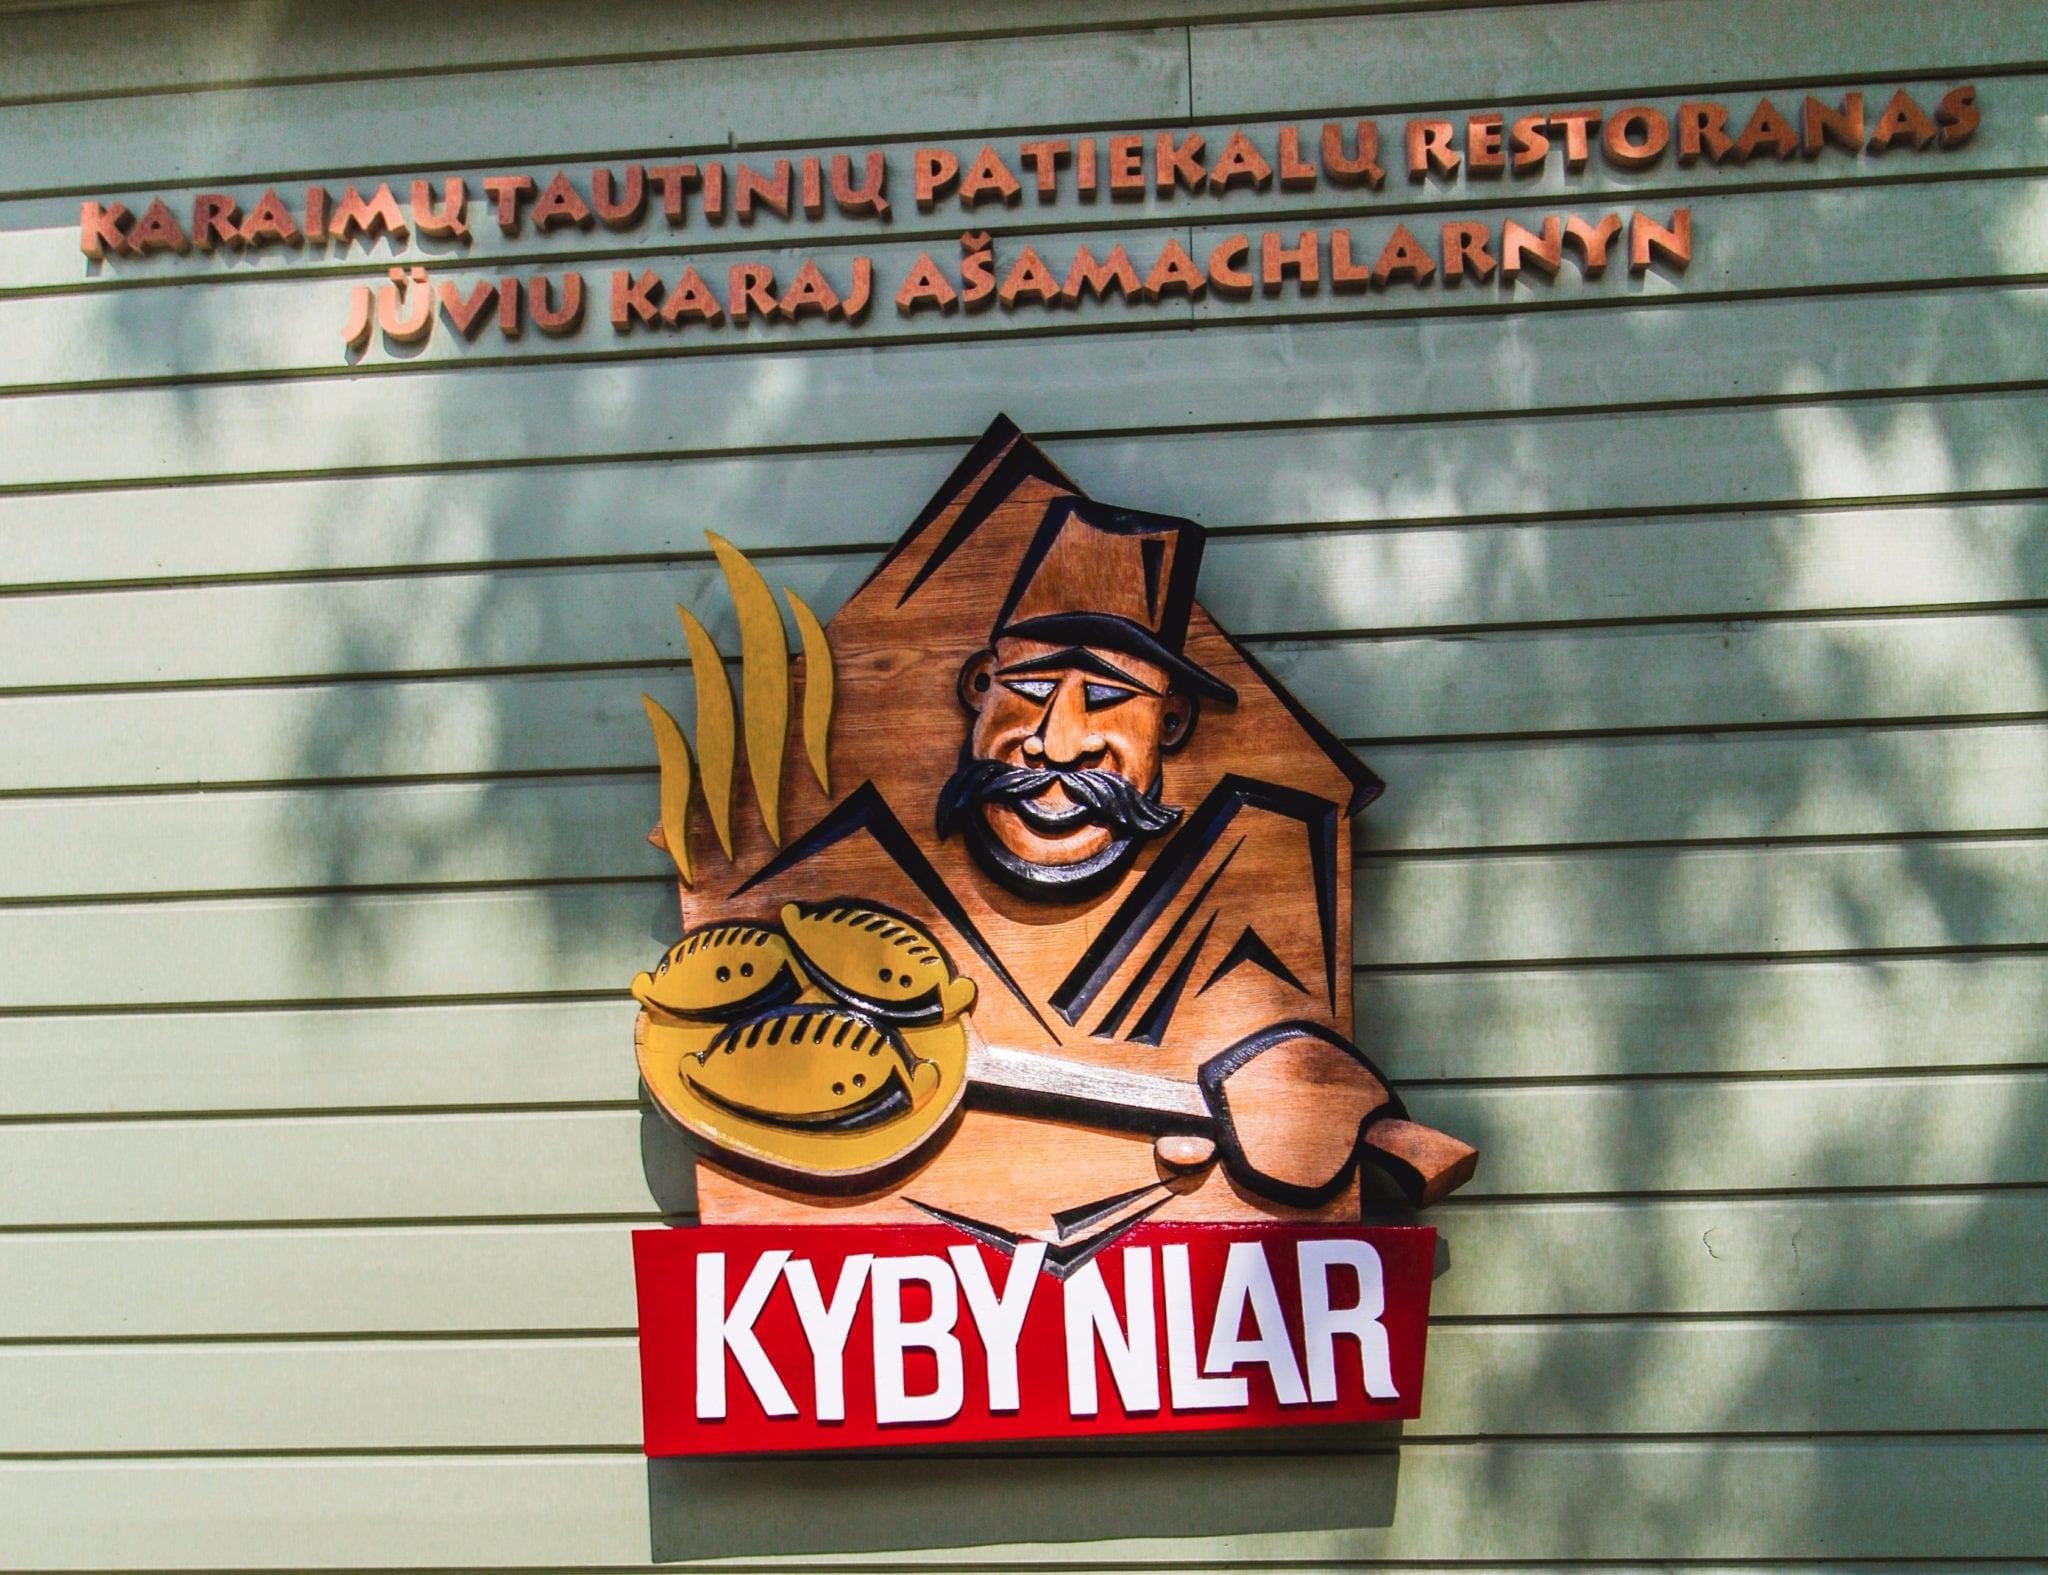 KYBYNLAR-